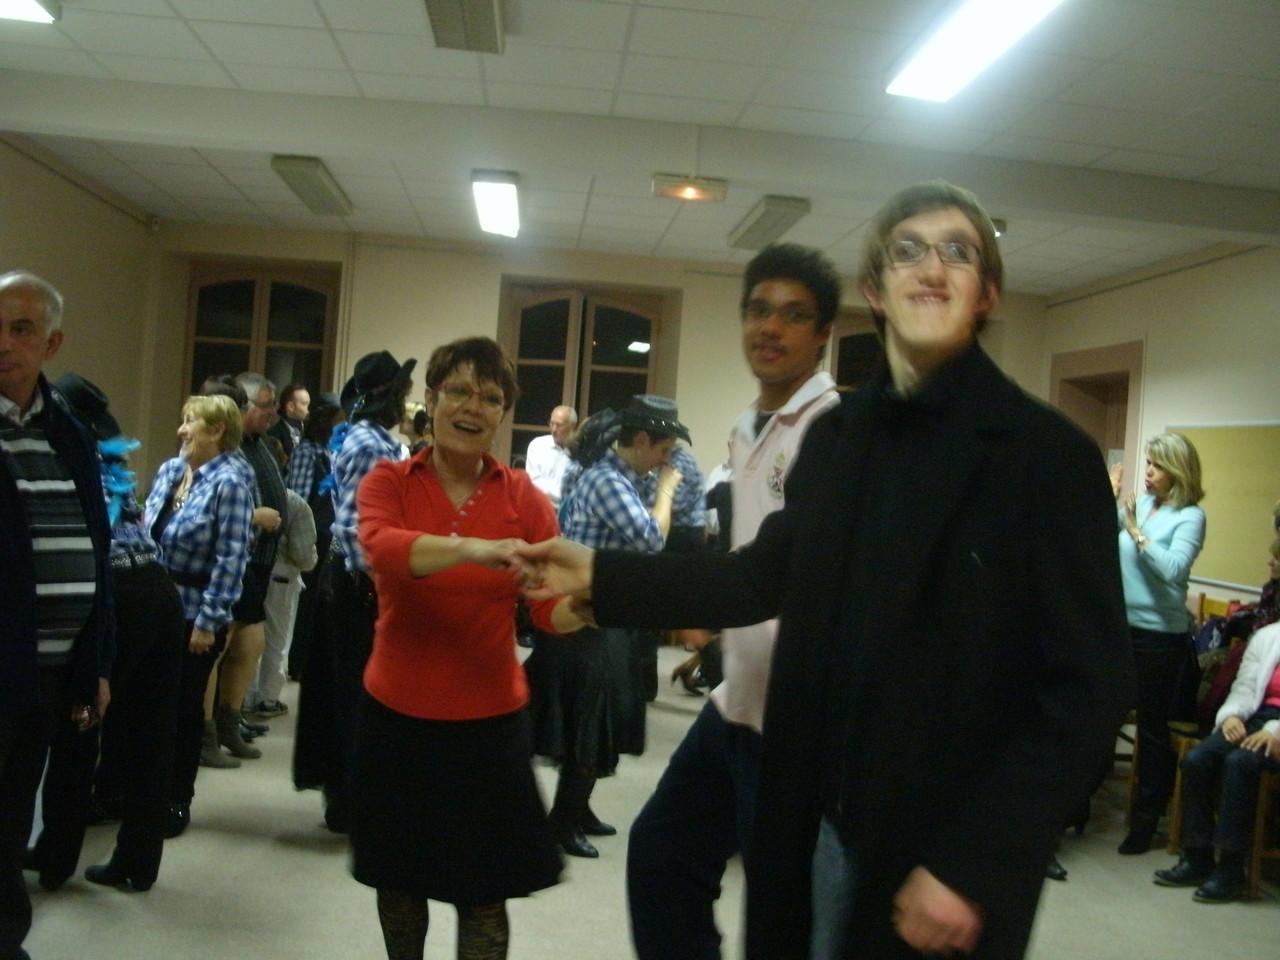 soirée avec buffet dansant organisée par la Mairie de Tarbes